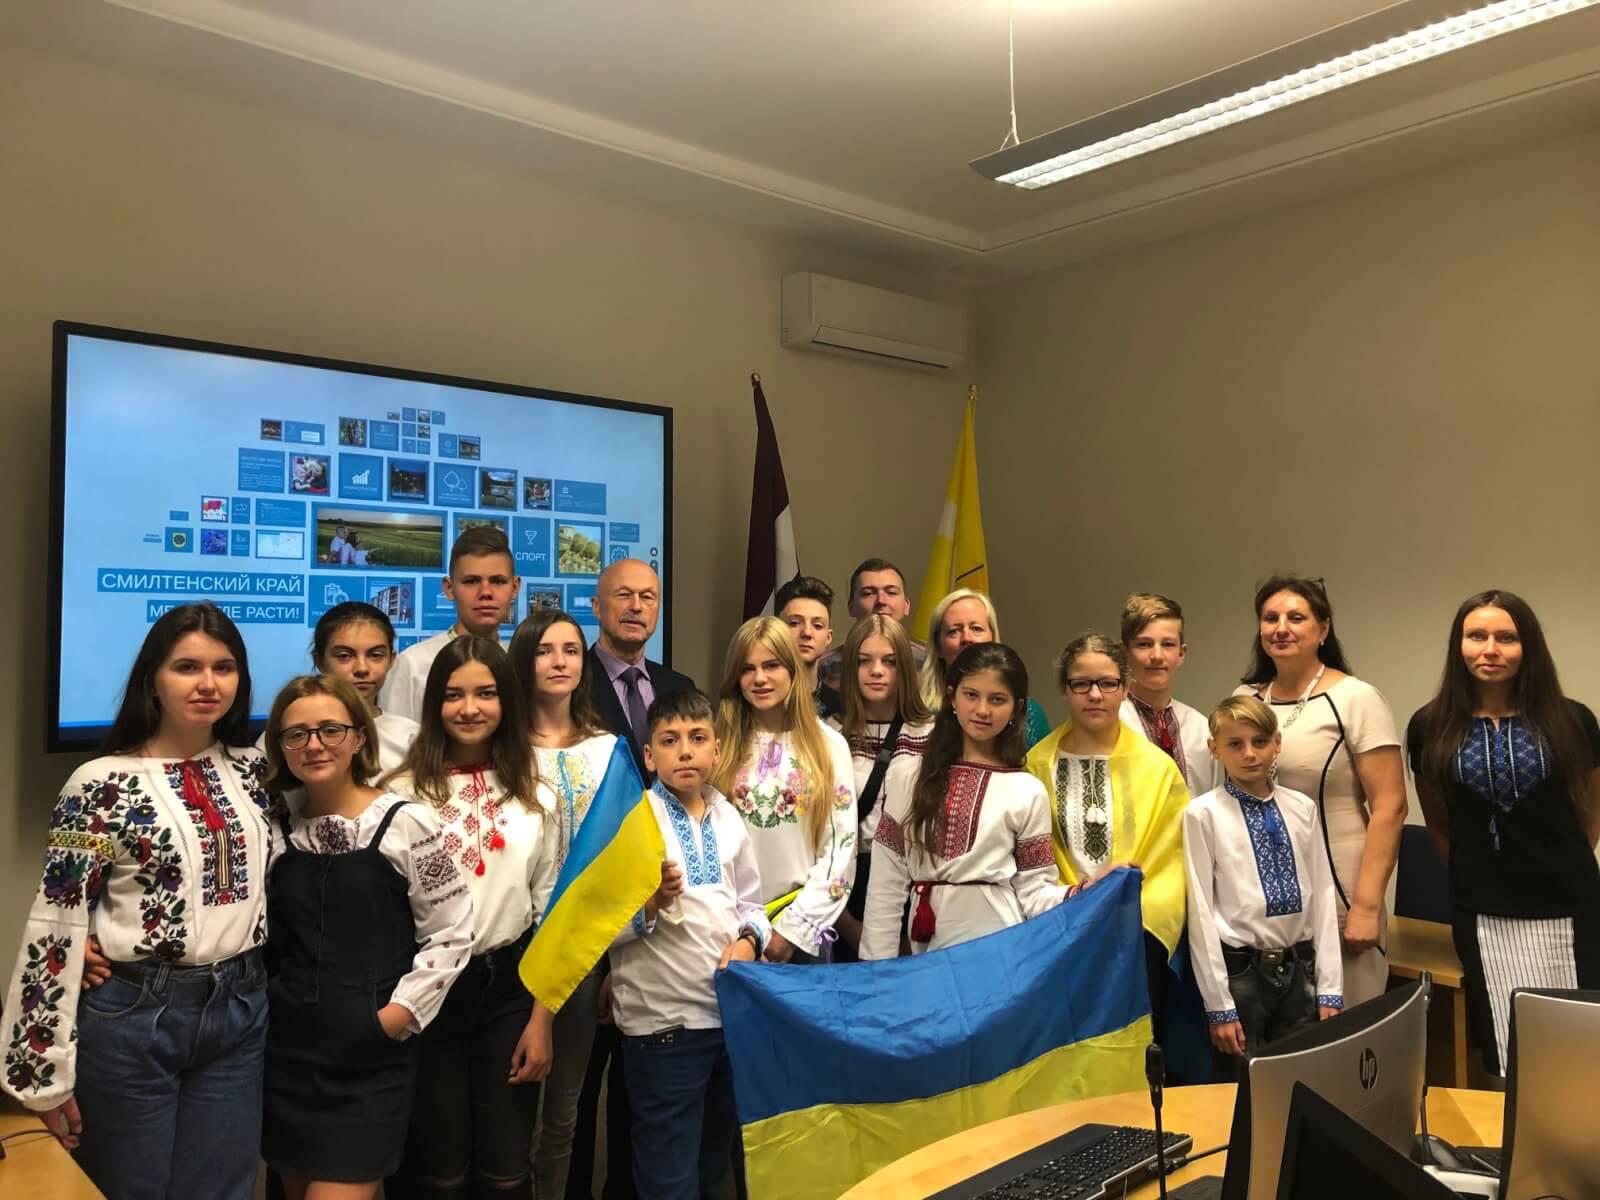 Smiltenē vasaras brīvdienās viesojās bērni un jaunieši no Ukrainas